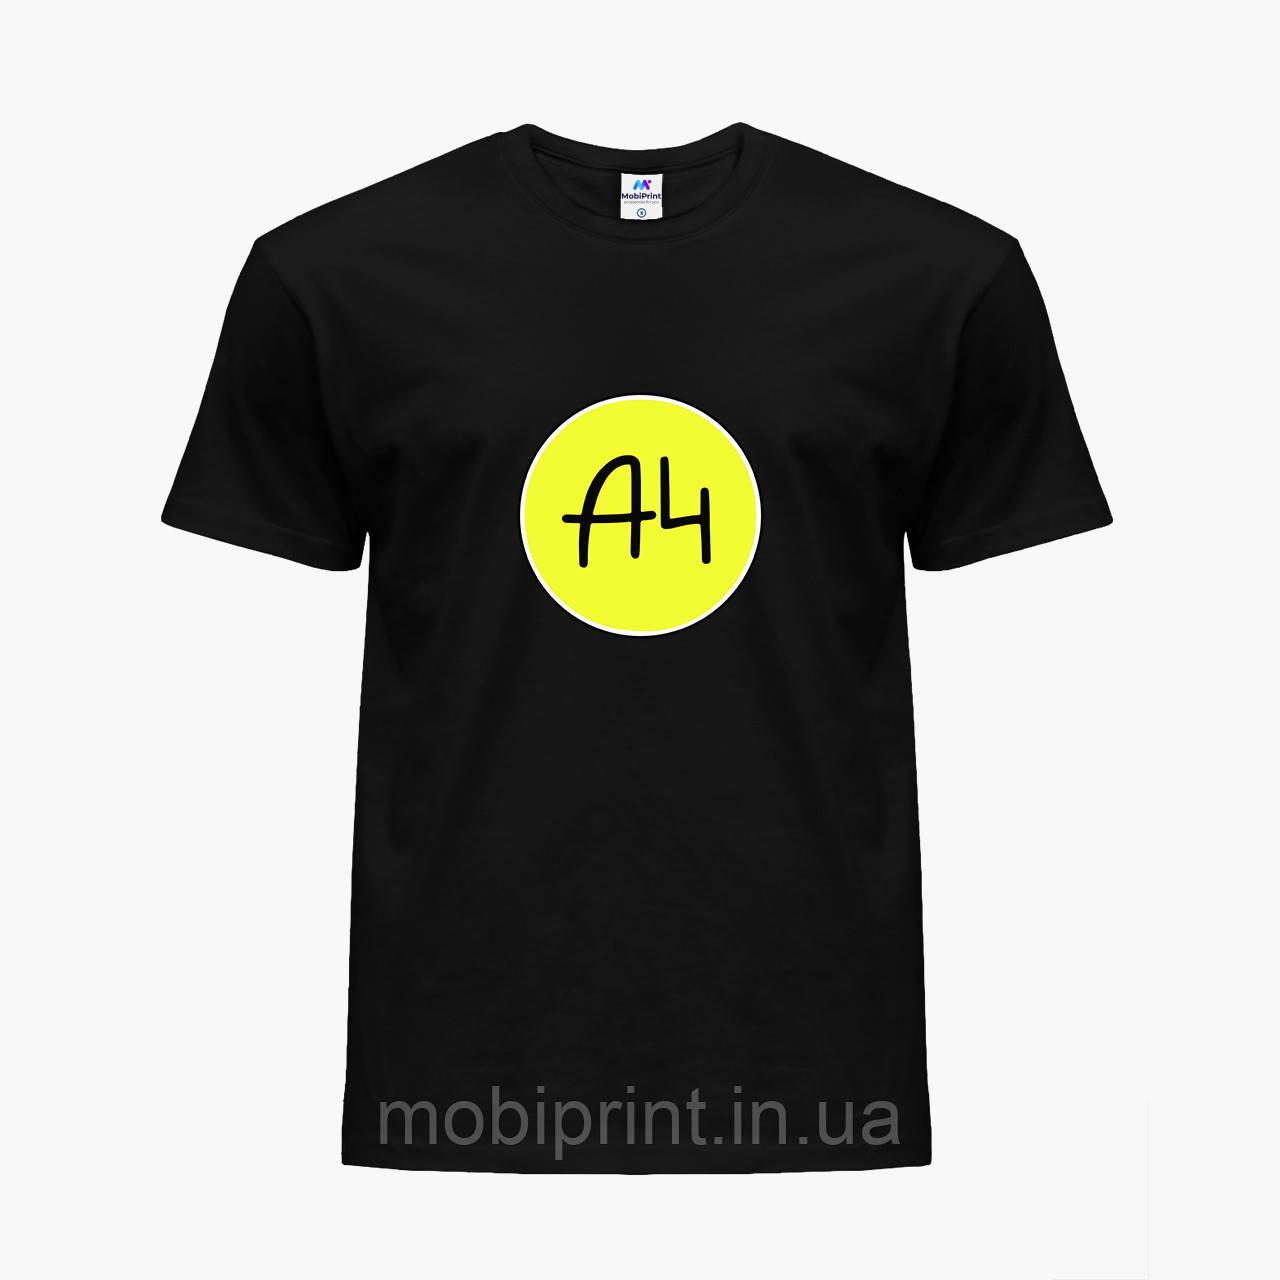 Детская футболка для мальчиков блогер Влад Бумага А4 (blogger Vlad A4) (25186-2620) Черный